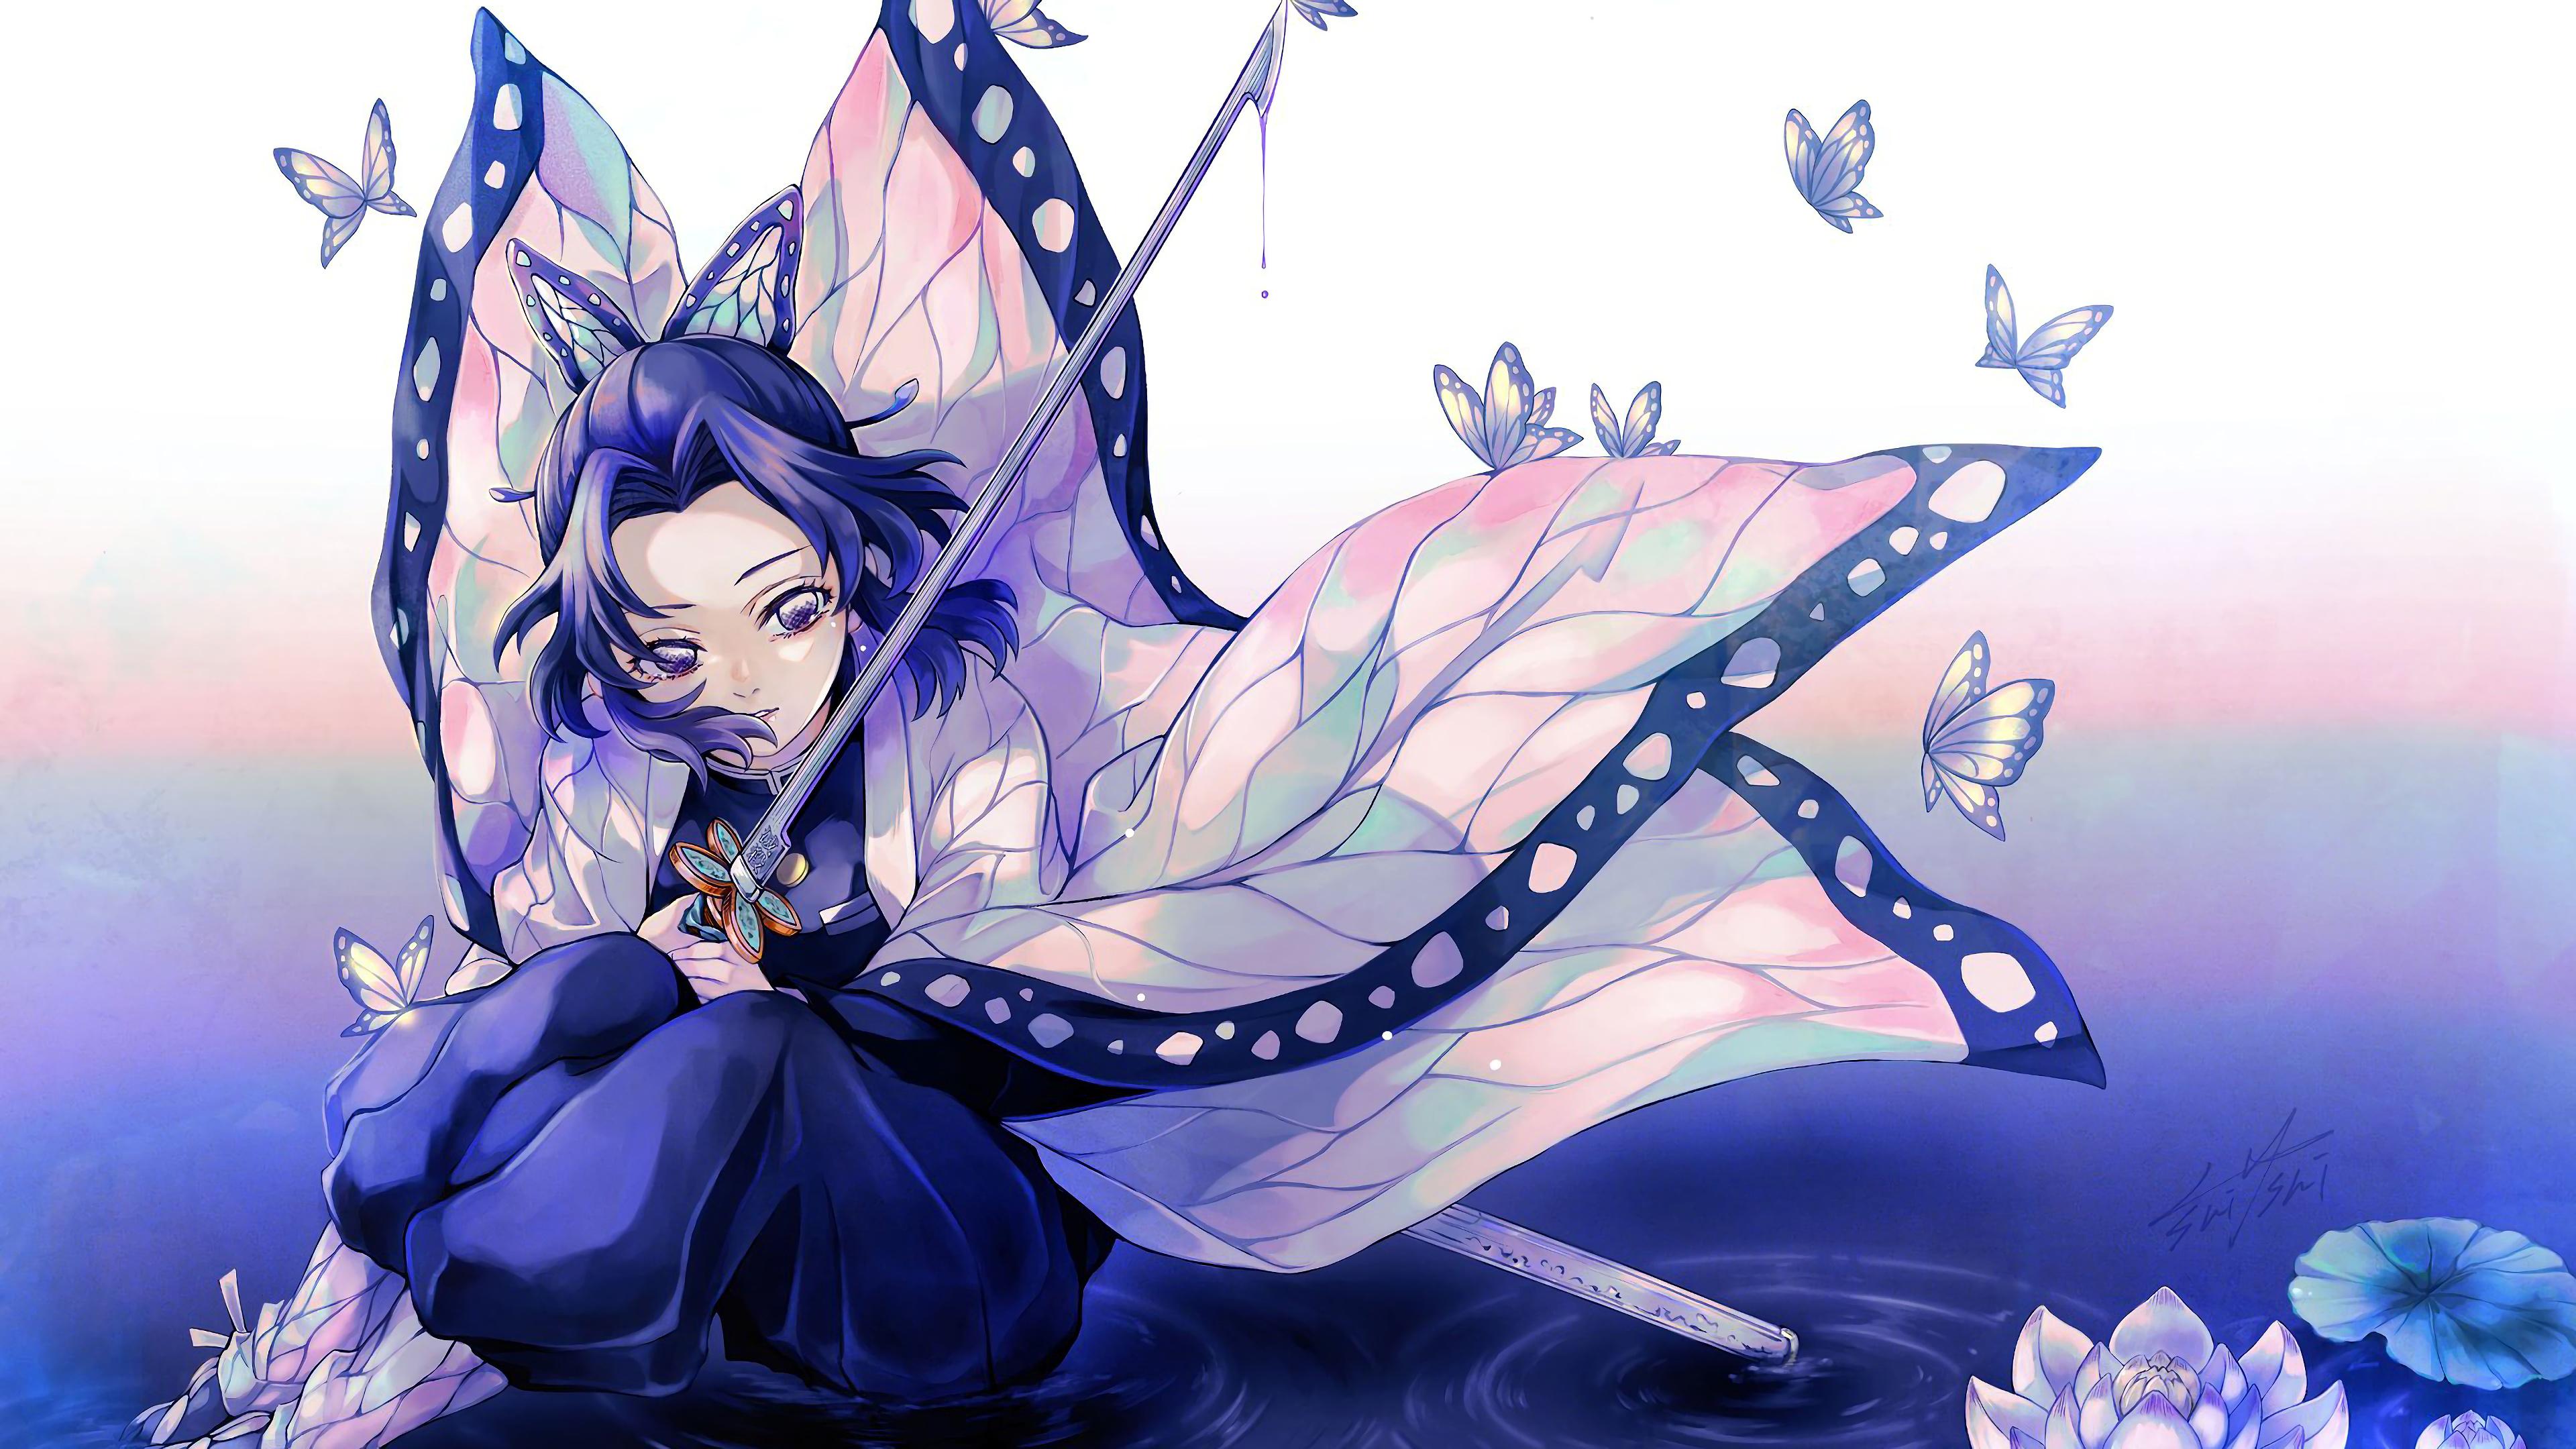 Shinobu Kochou Kimetsu No Yaiba 4k Wallpaper 123